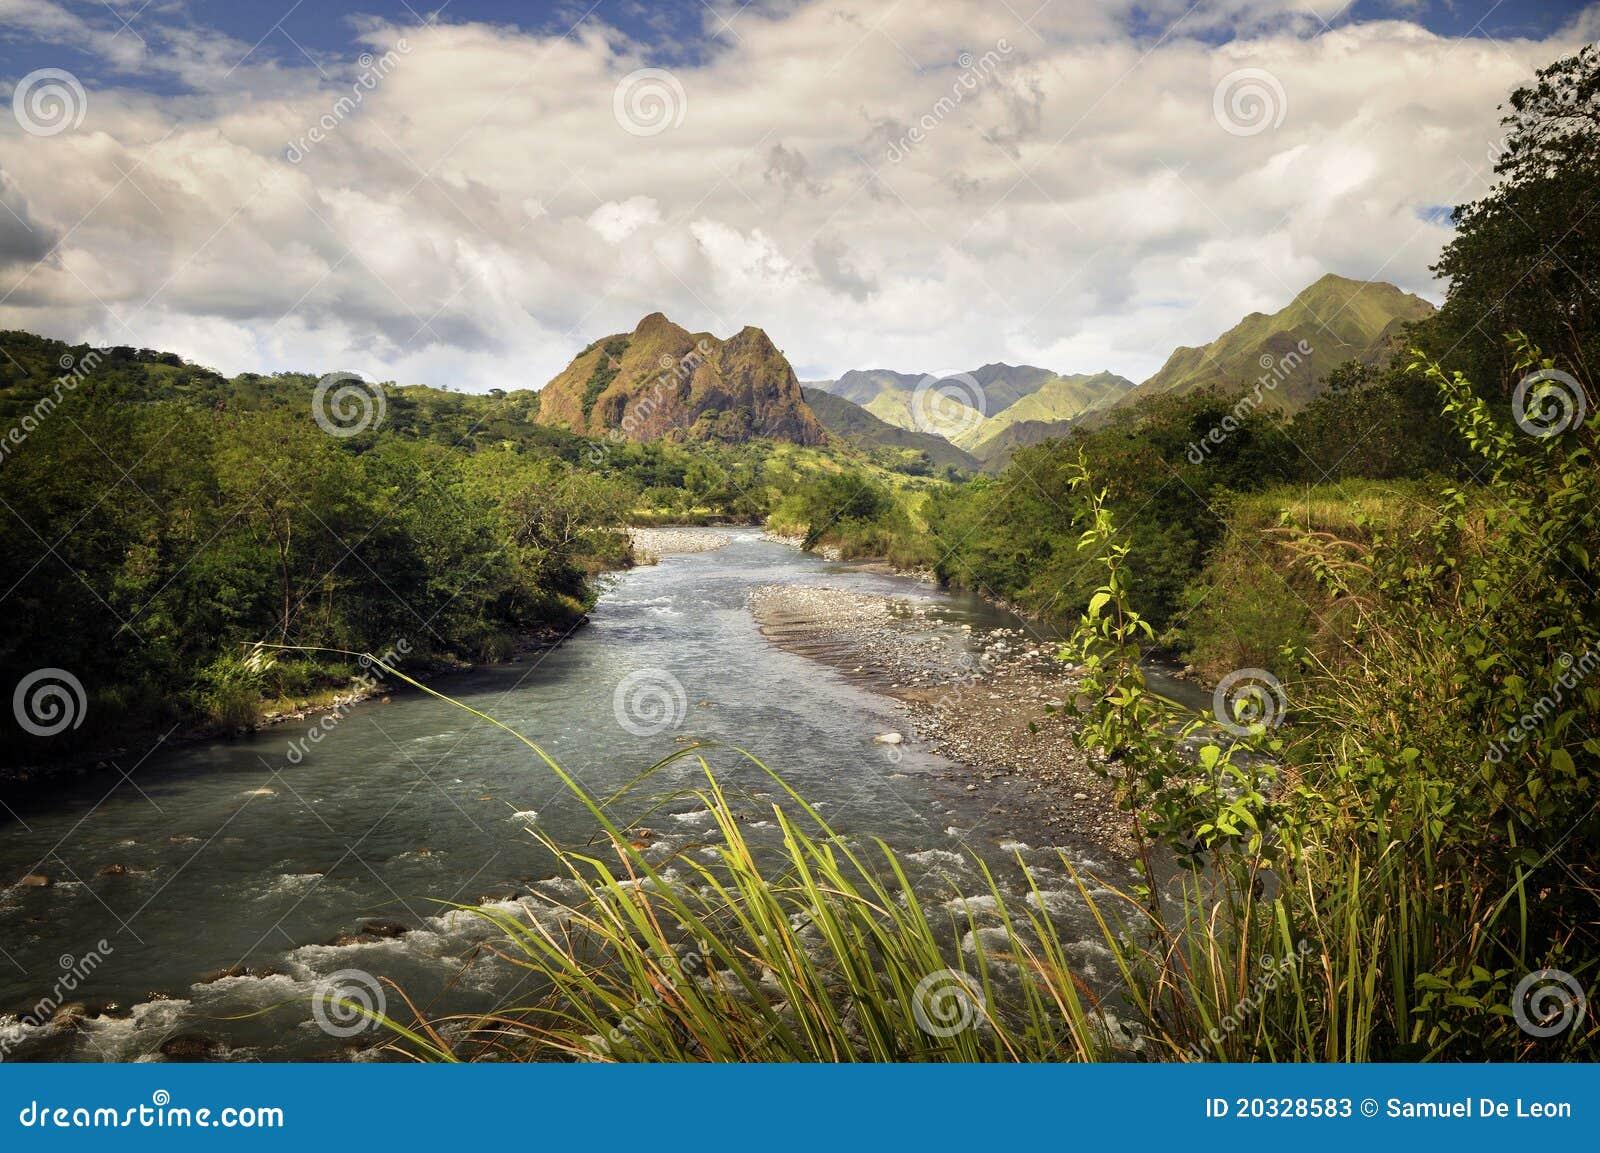 Mindoro Nature